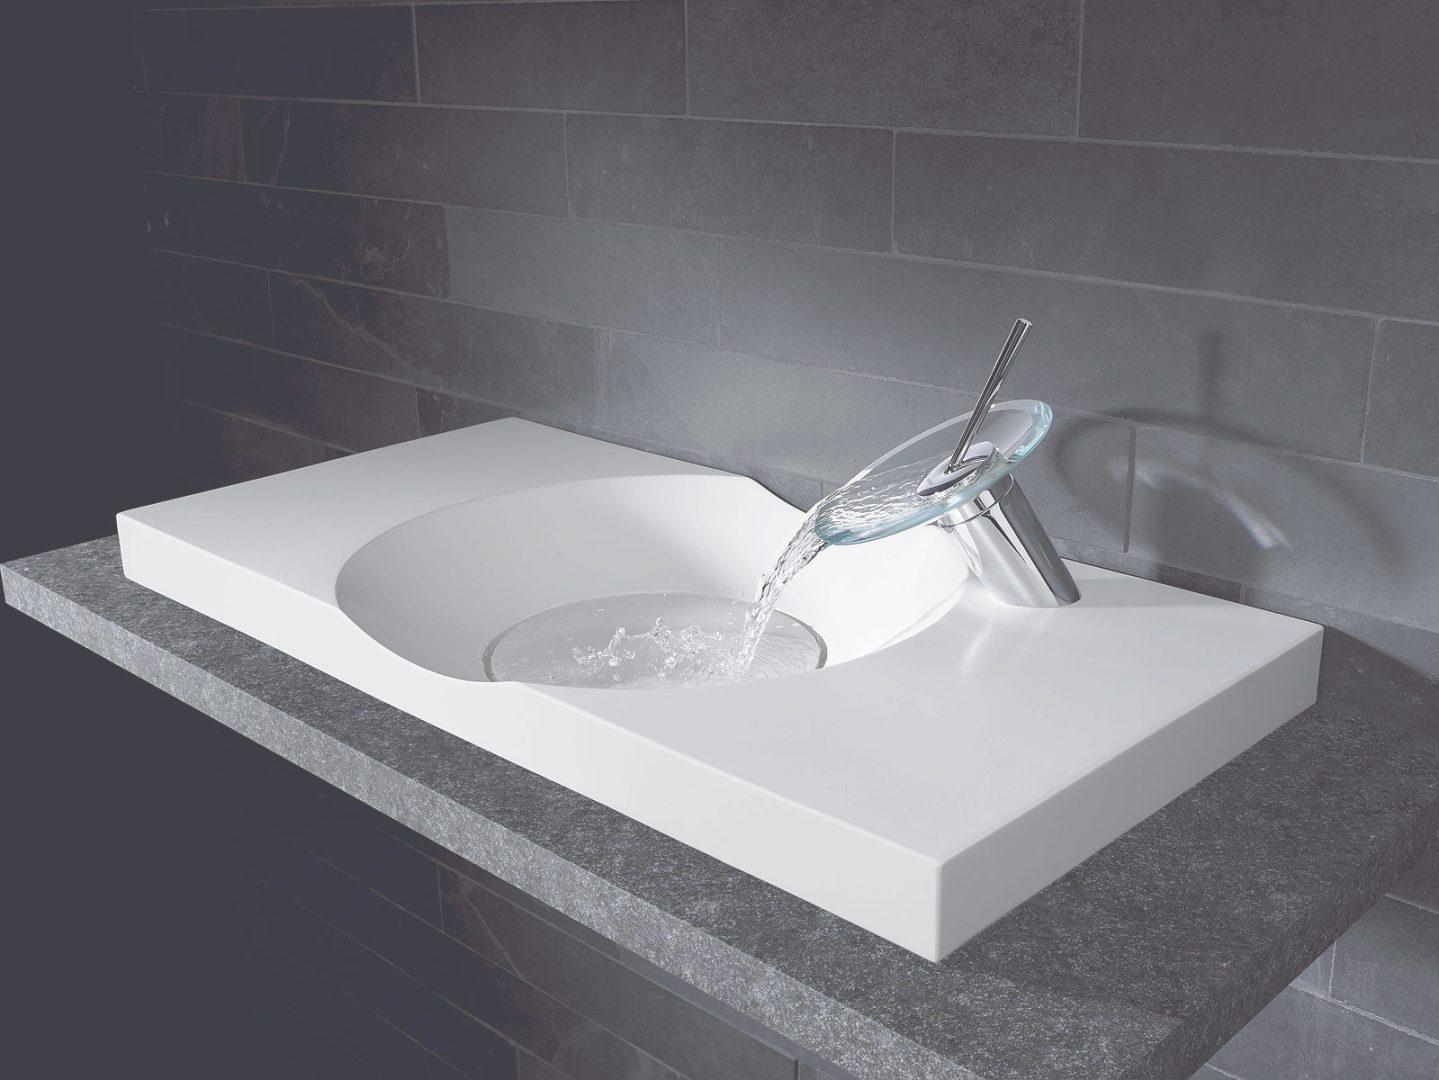 Evier Salle De Bain Design - Boutique-Gain-De-Place.fr intérieur Vasque Design Italien